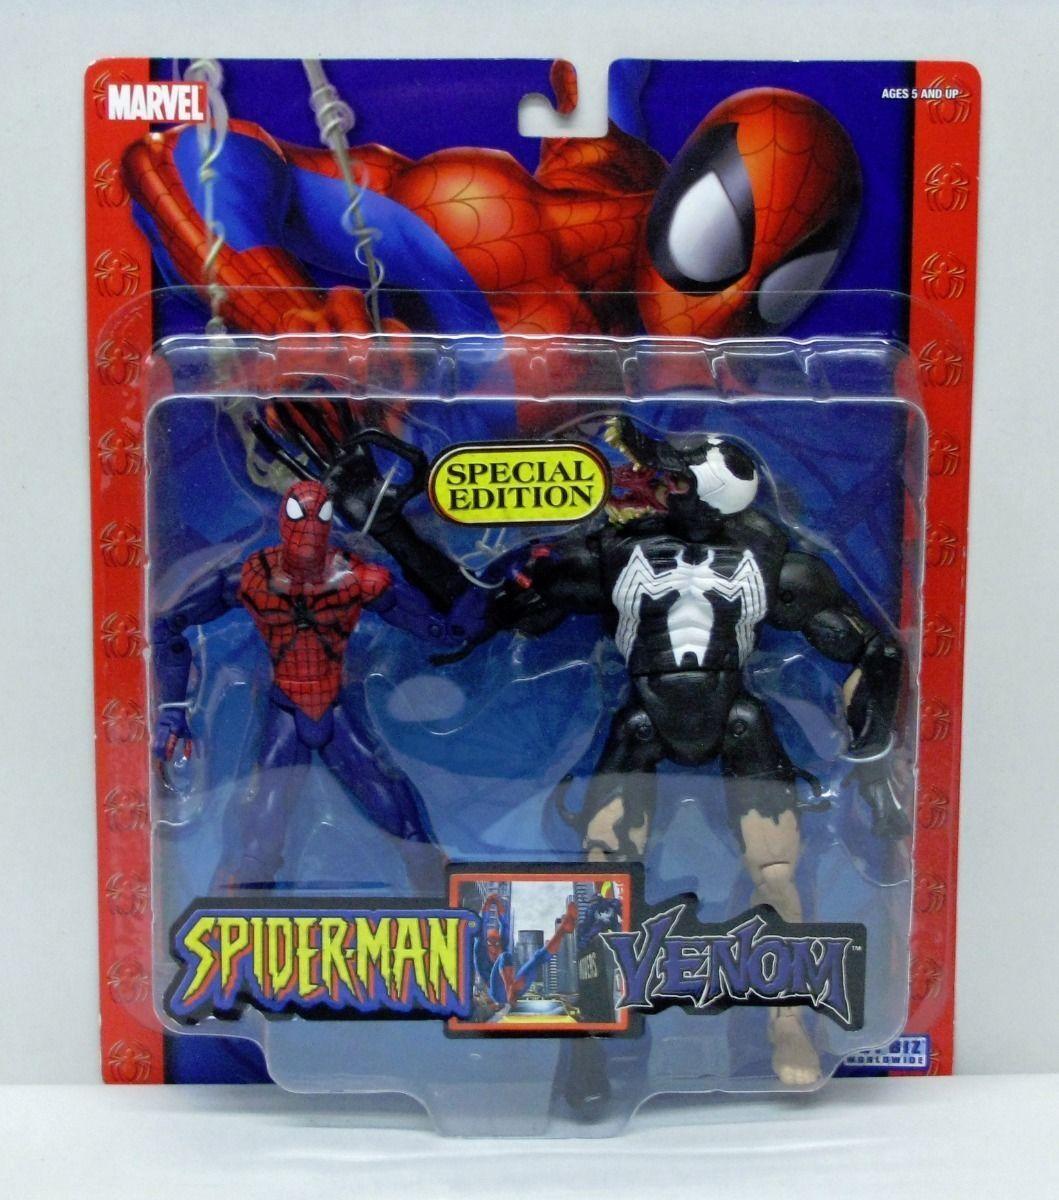 Spider-Man Special Edition 2 Figure Set Spider-Man Venom 2005 ToyBiz S158-10